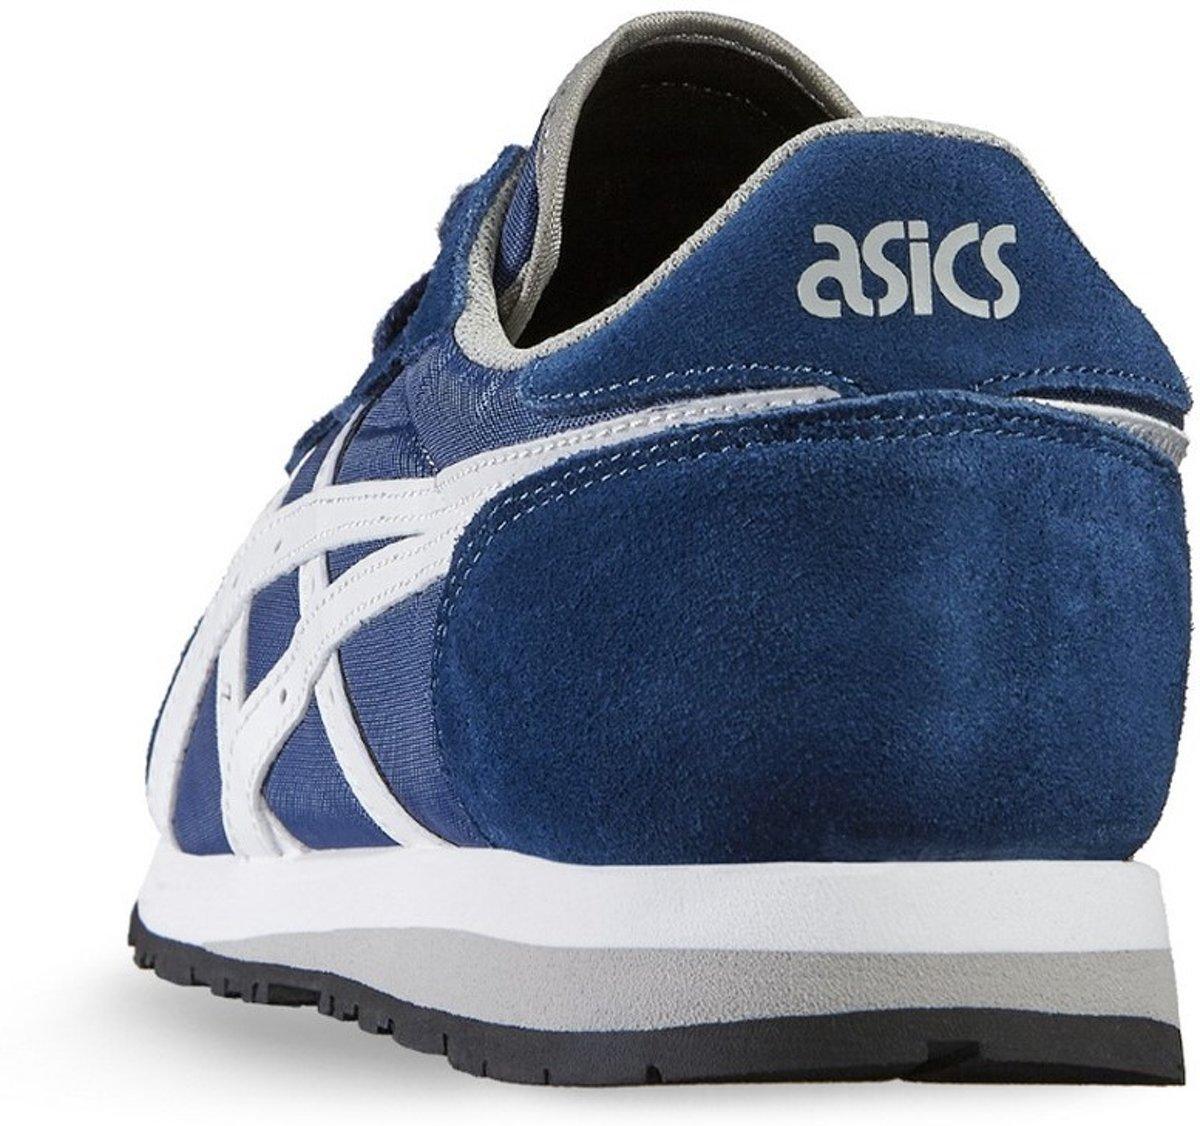 Asics Coureur Oc Hl517-5801, Unisexe, Bleu, Chaussures De Sport Taille 36 Eu